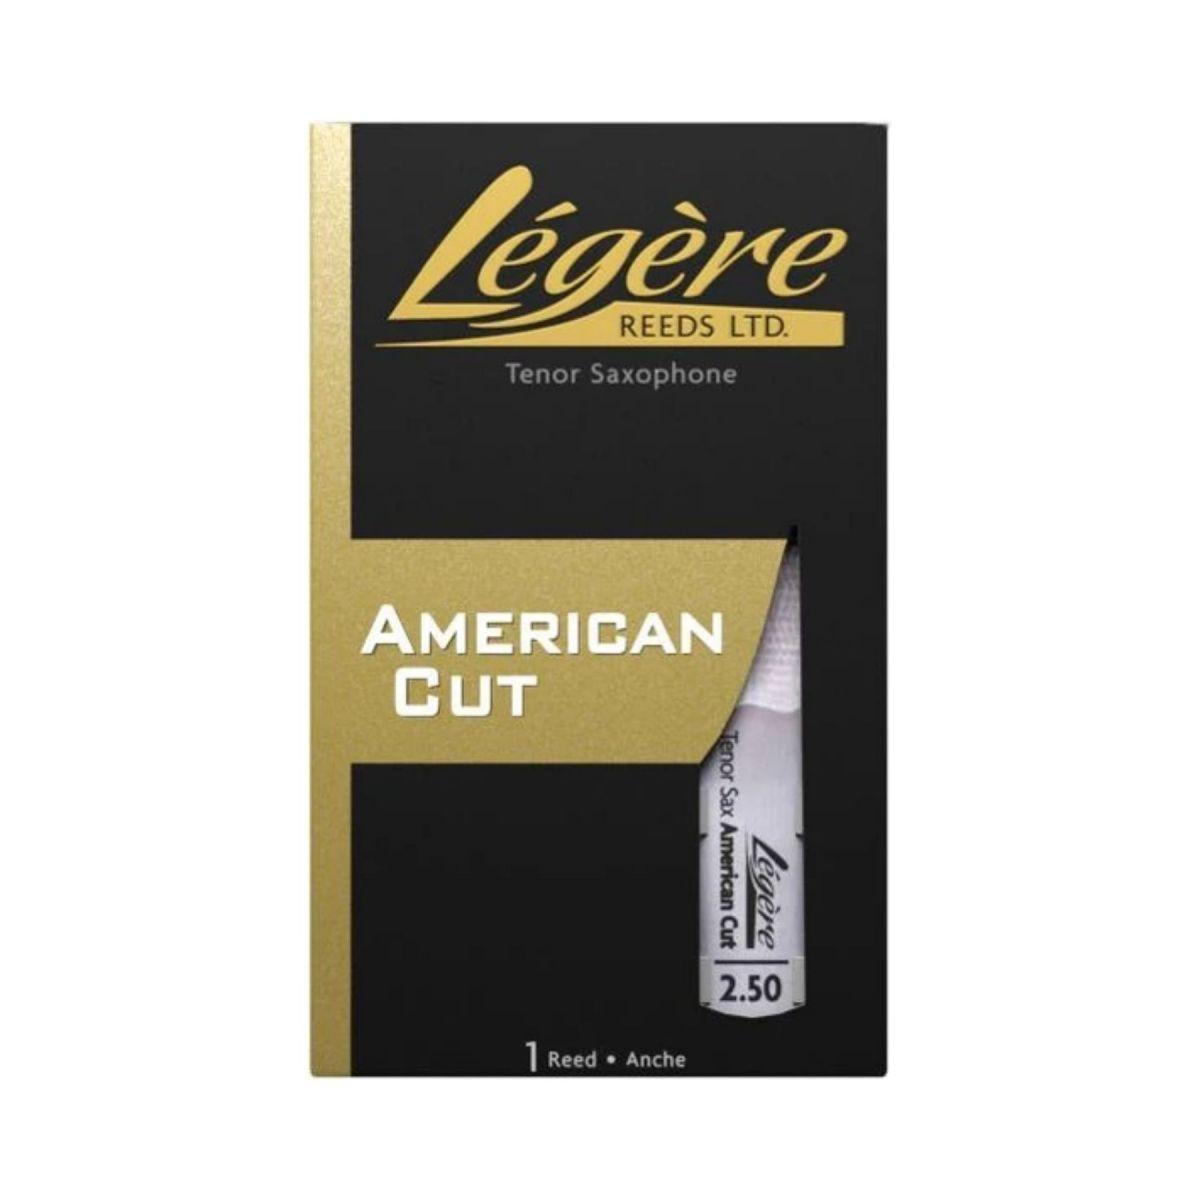 Ancia Sax Tenore Legere American Cut n.2,50 singola